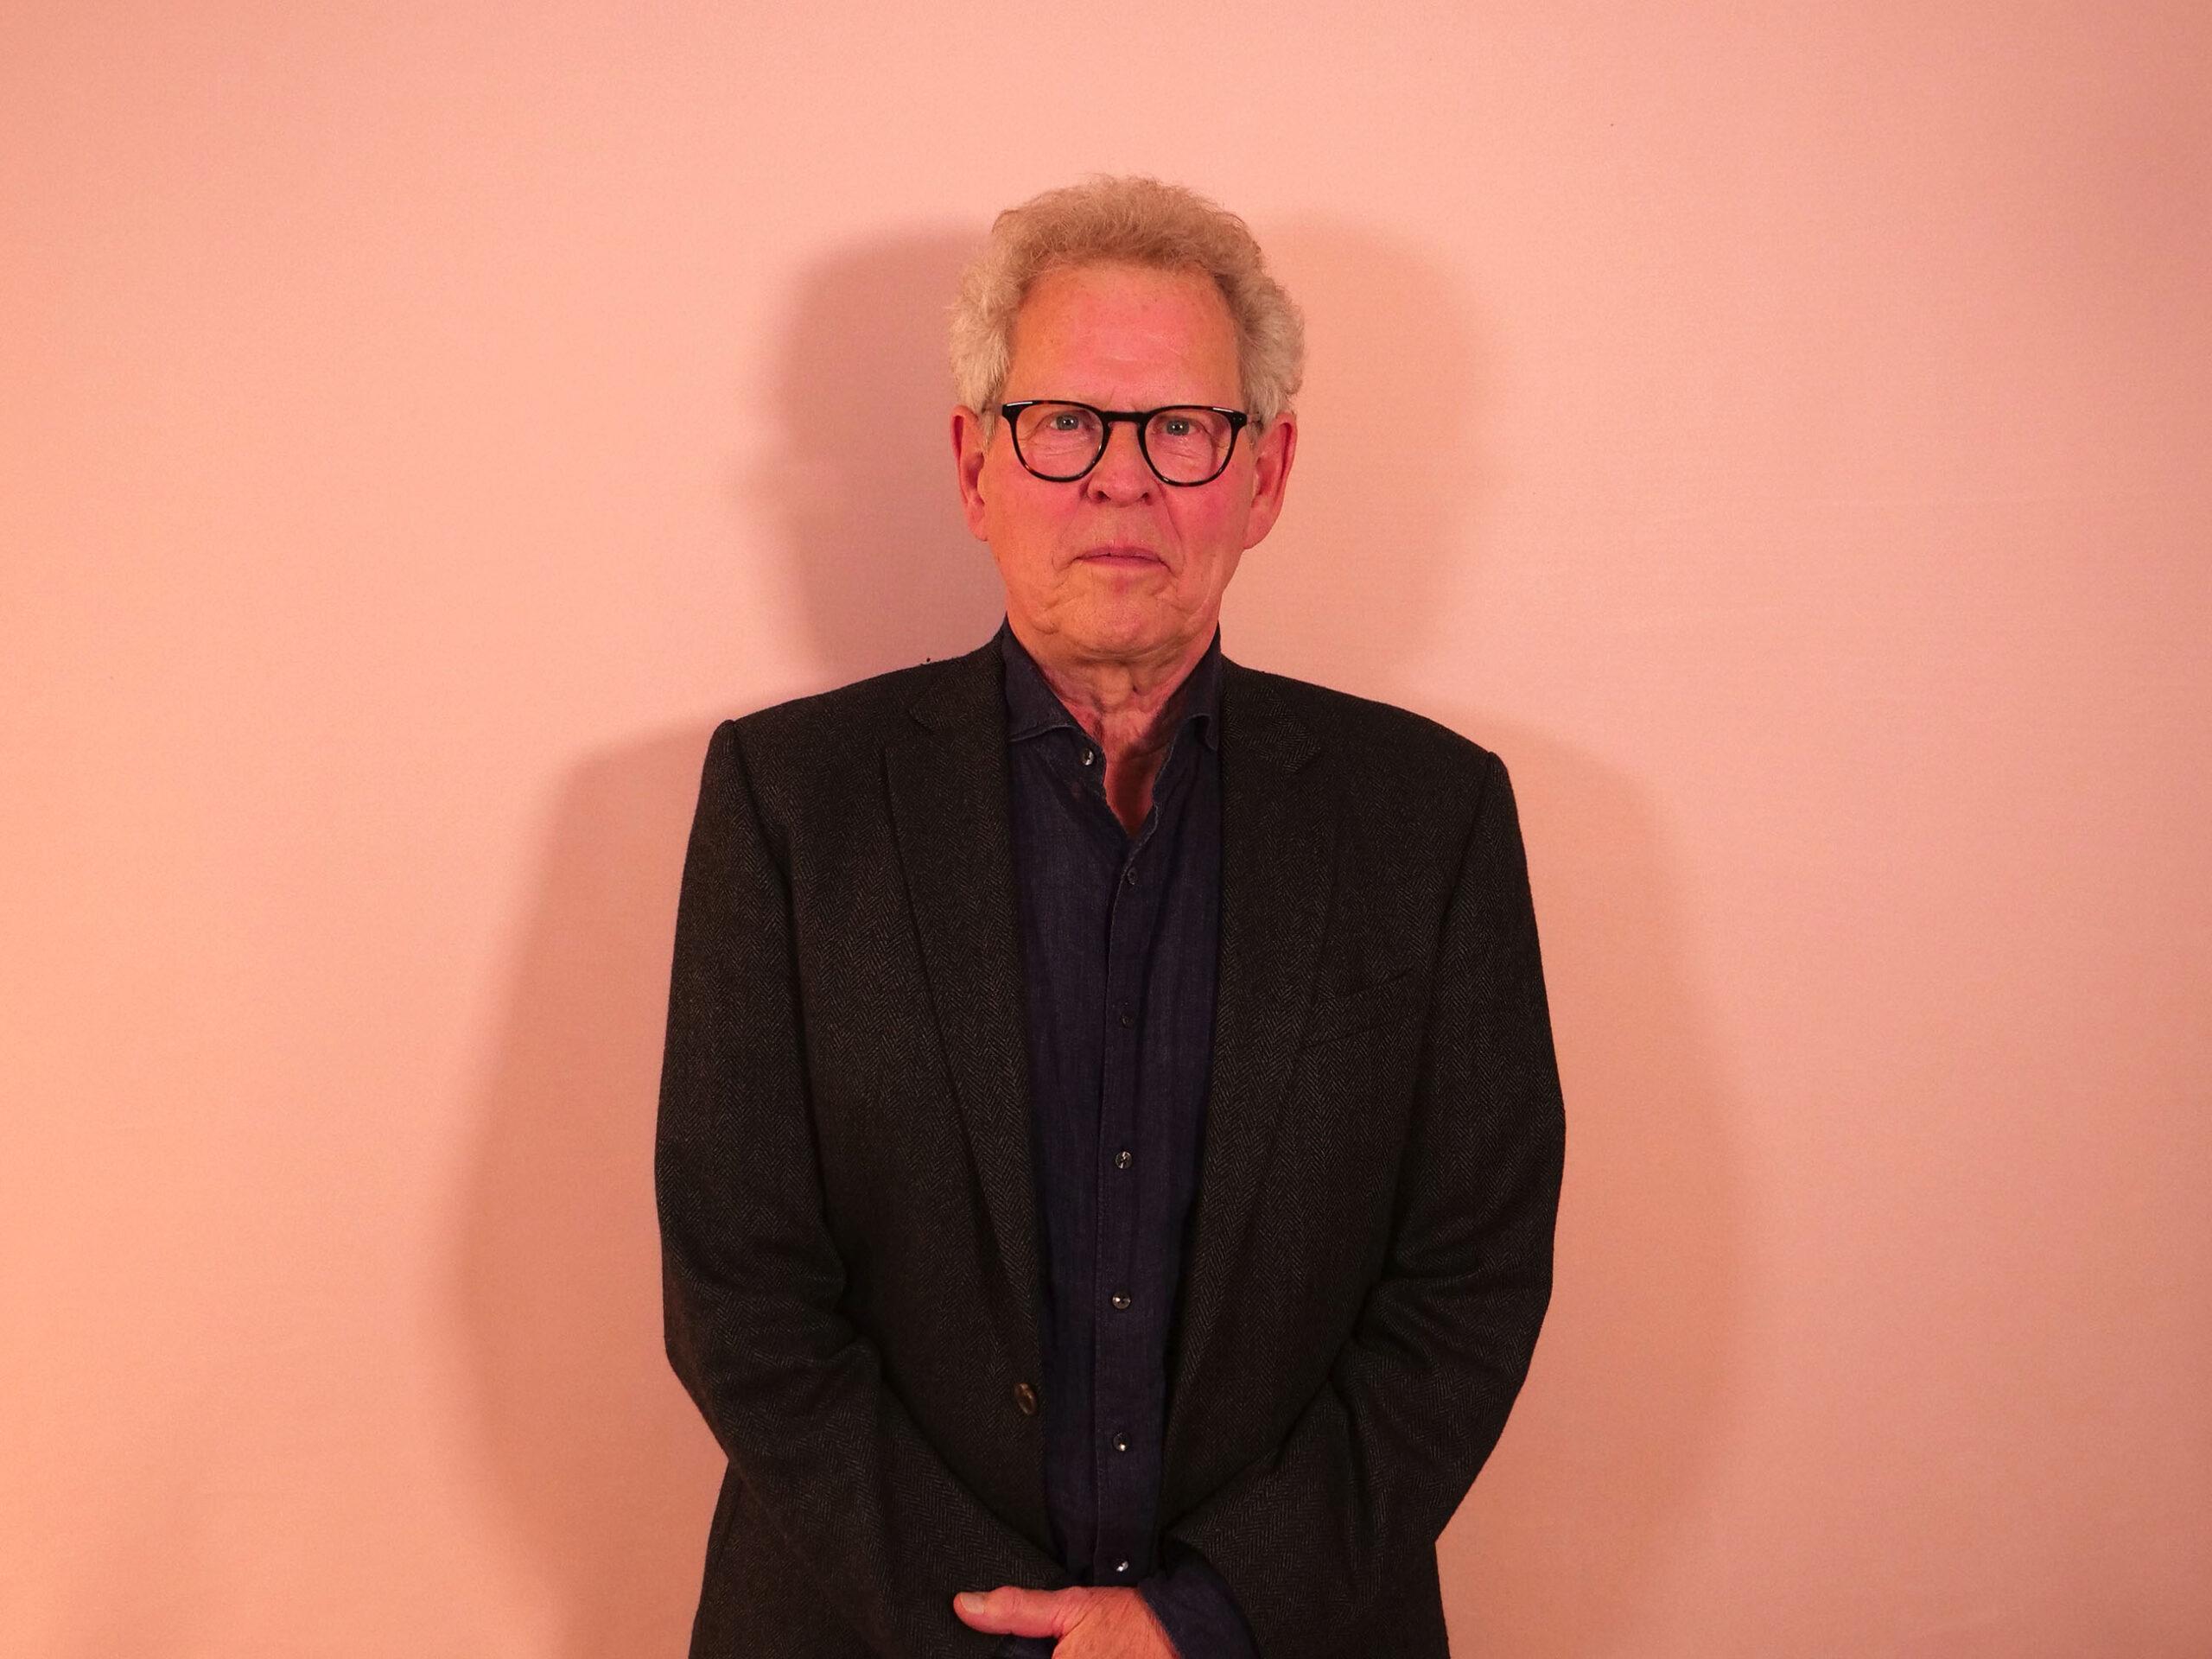 Søren Kragh-Jakobsen til Storydays